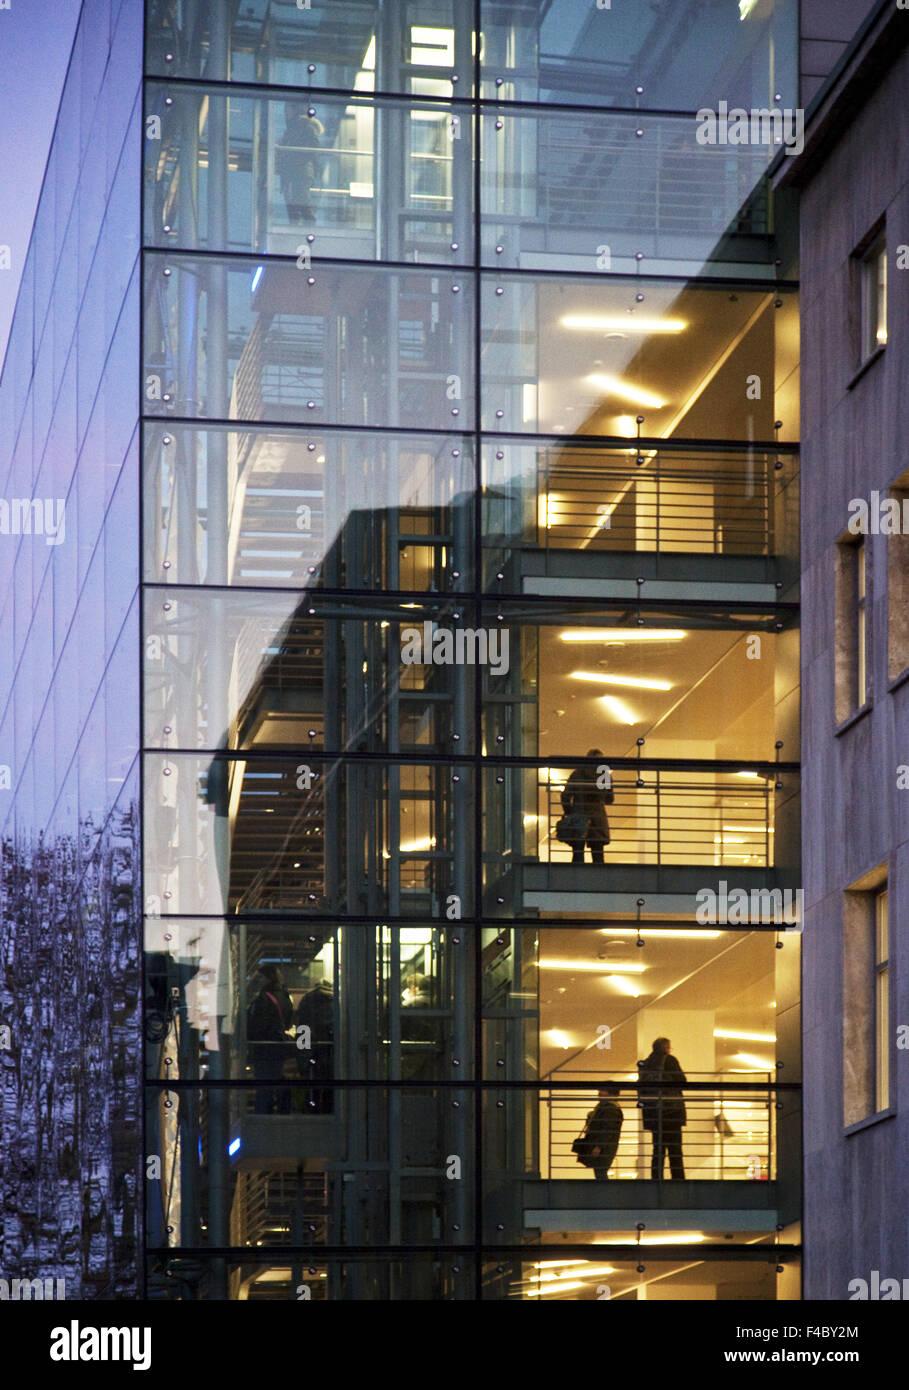 La gente en la arquitectura moderna, Essen, Alemania Imagen De Stock